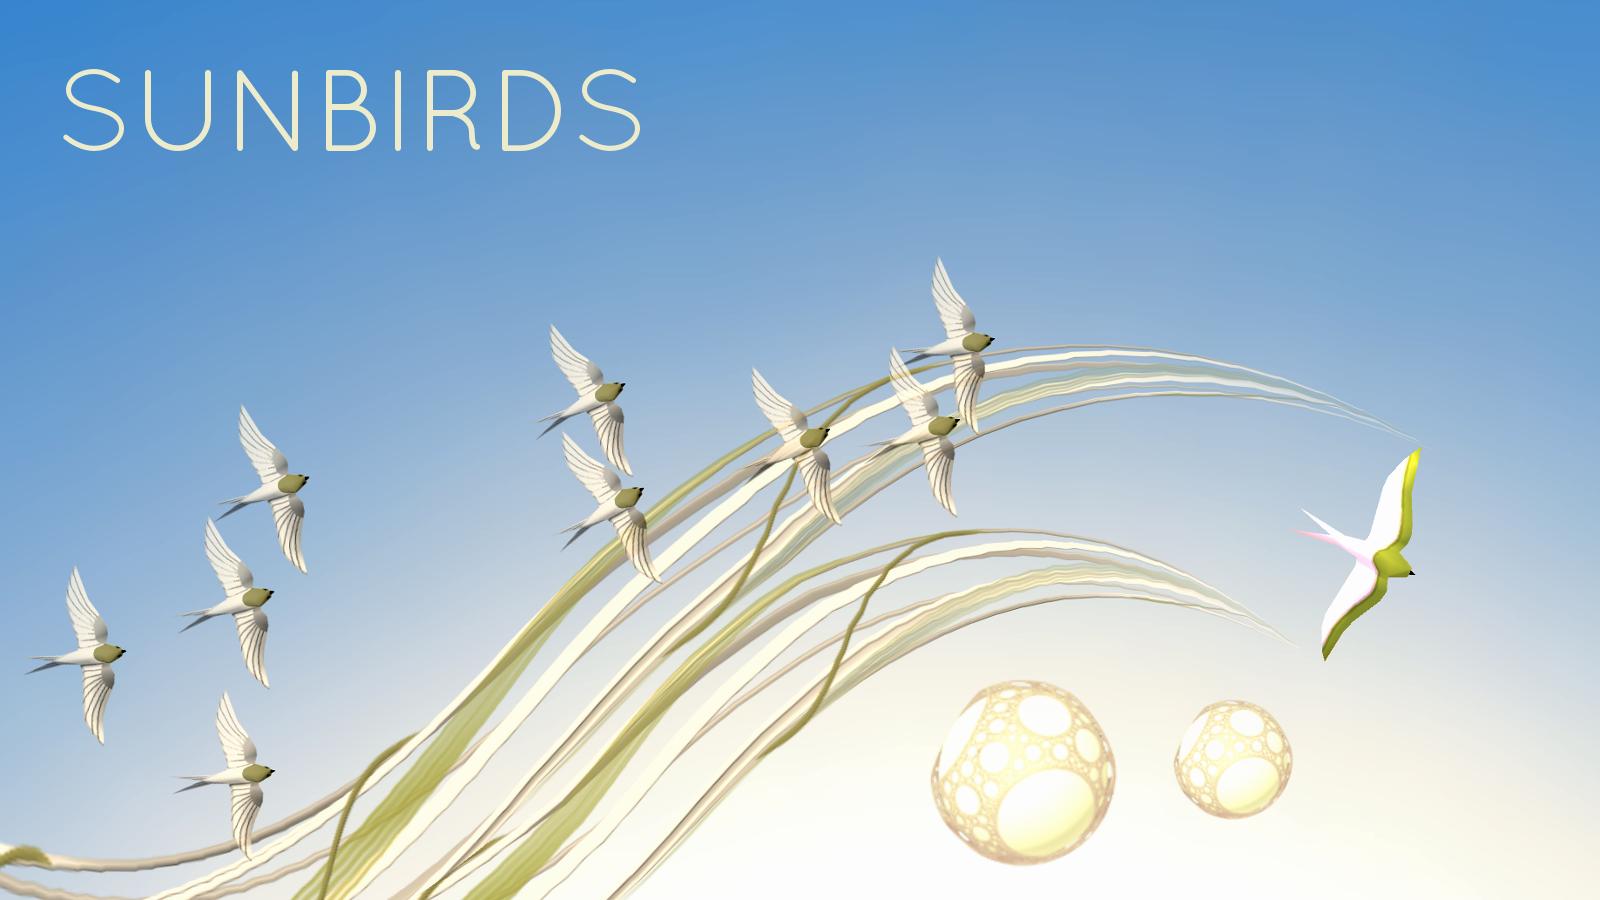 sunbirds_sun